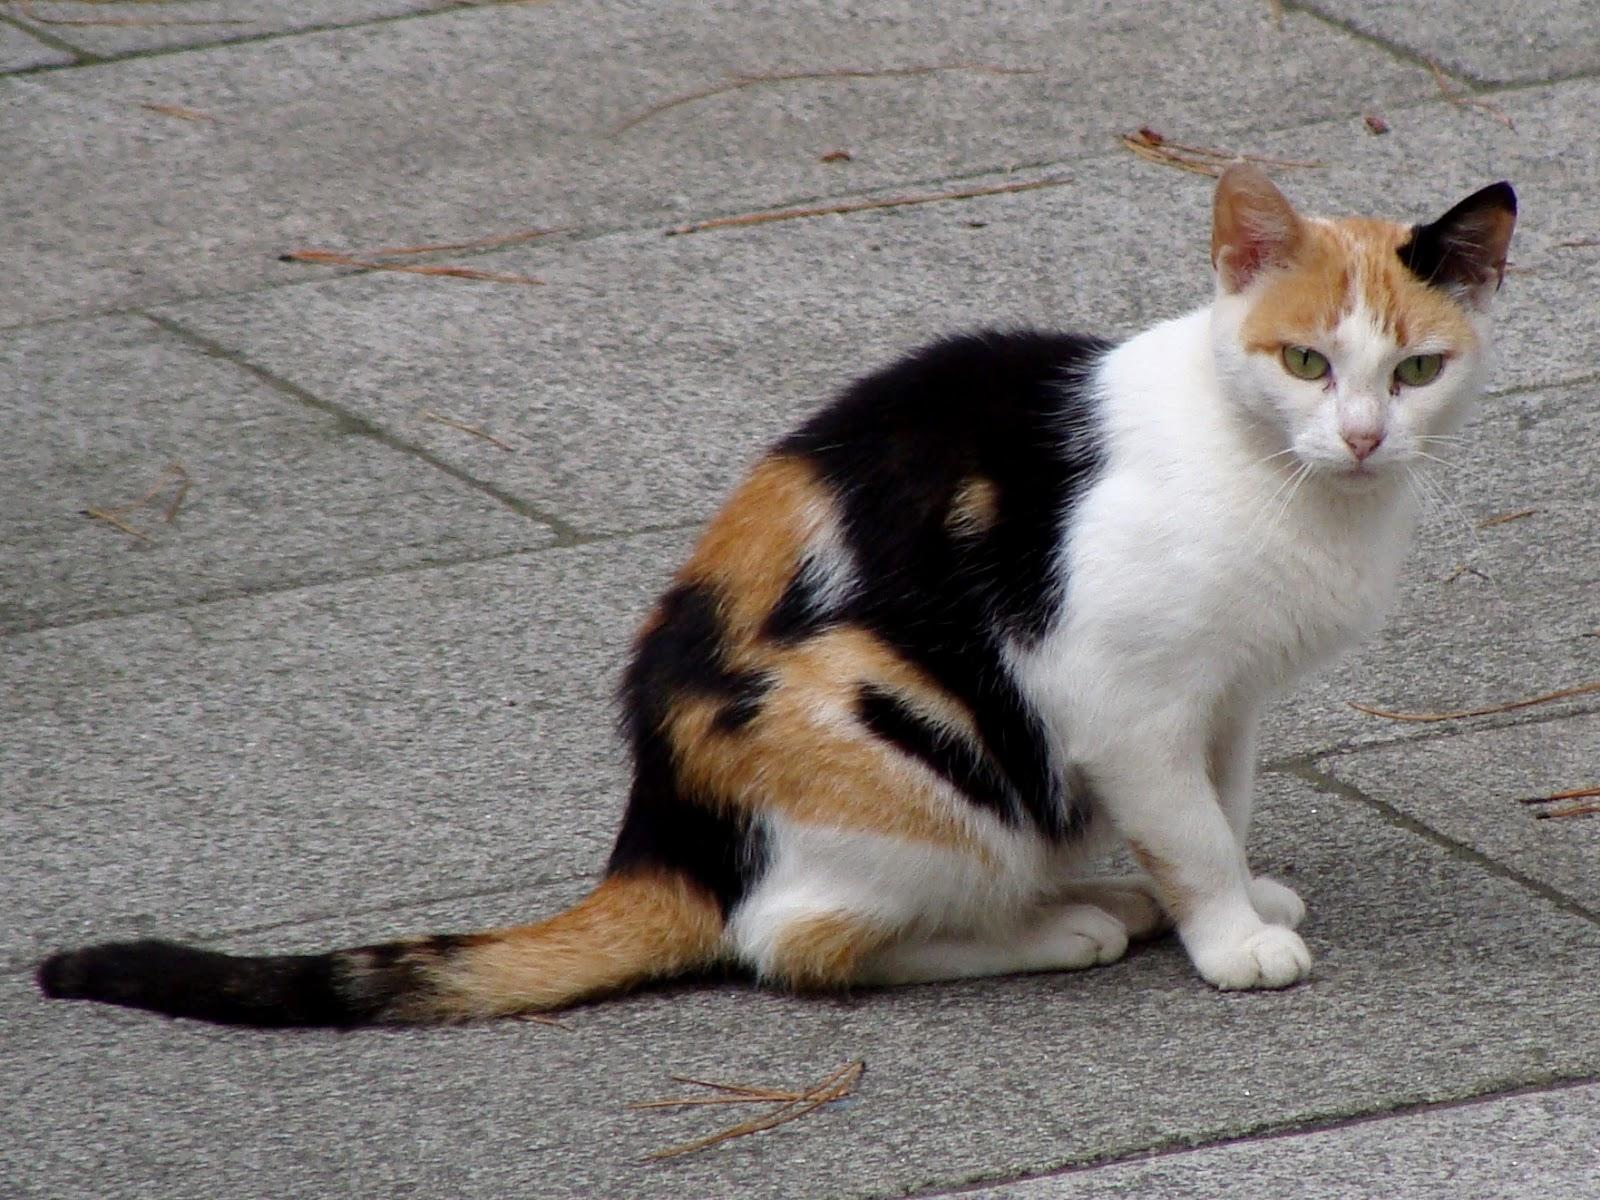 Amazing Calico Cat Cat Breeds in photographs